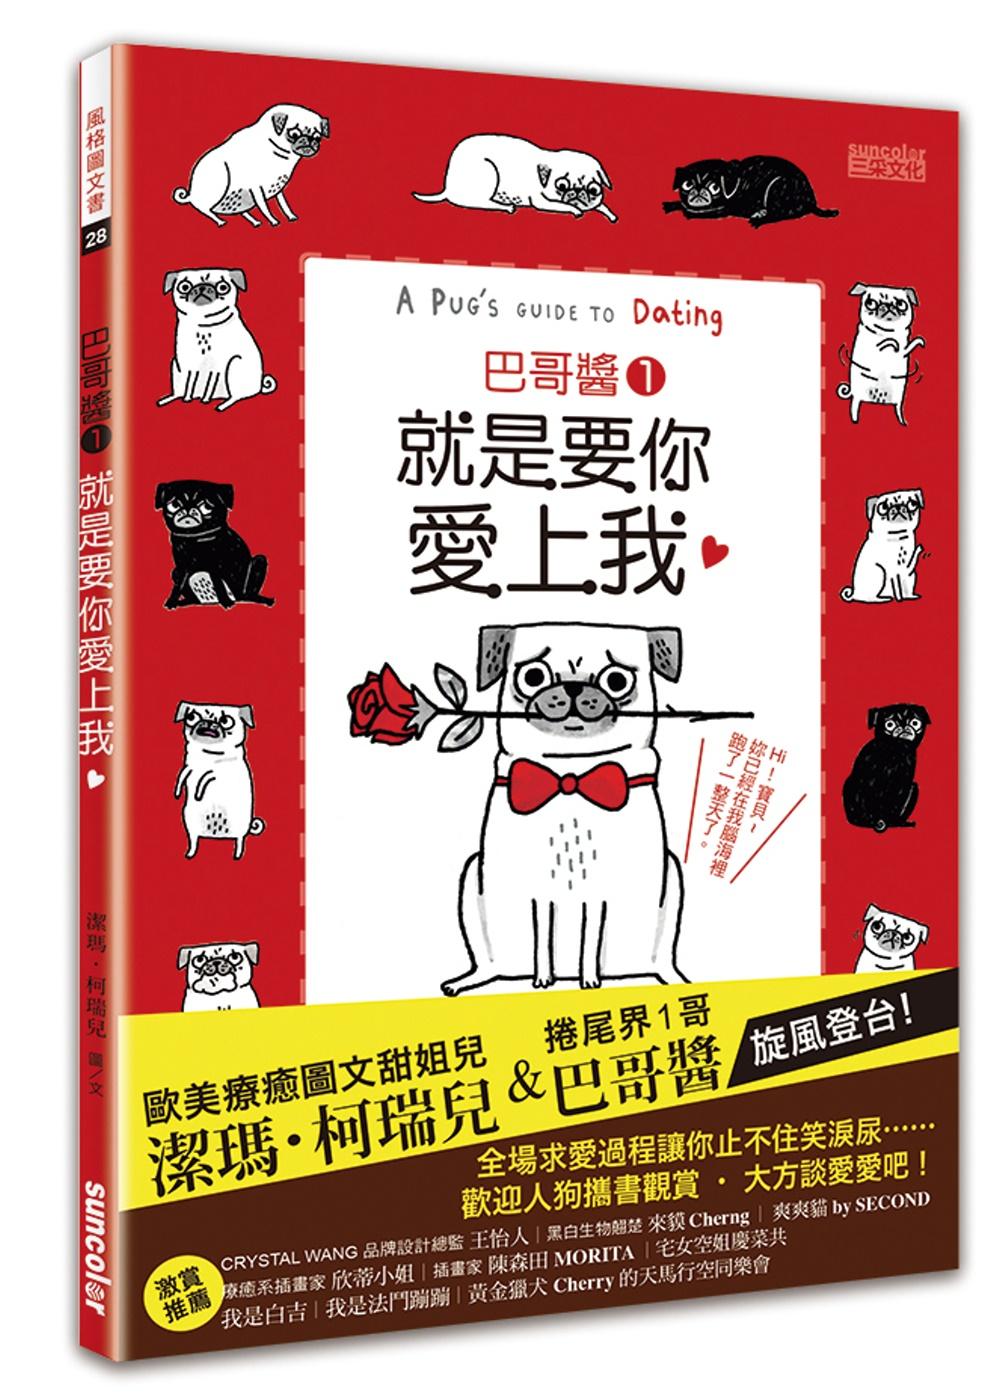 巴哥醬1 A Pug's Guide to Dating